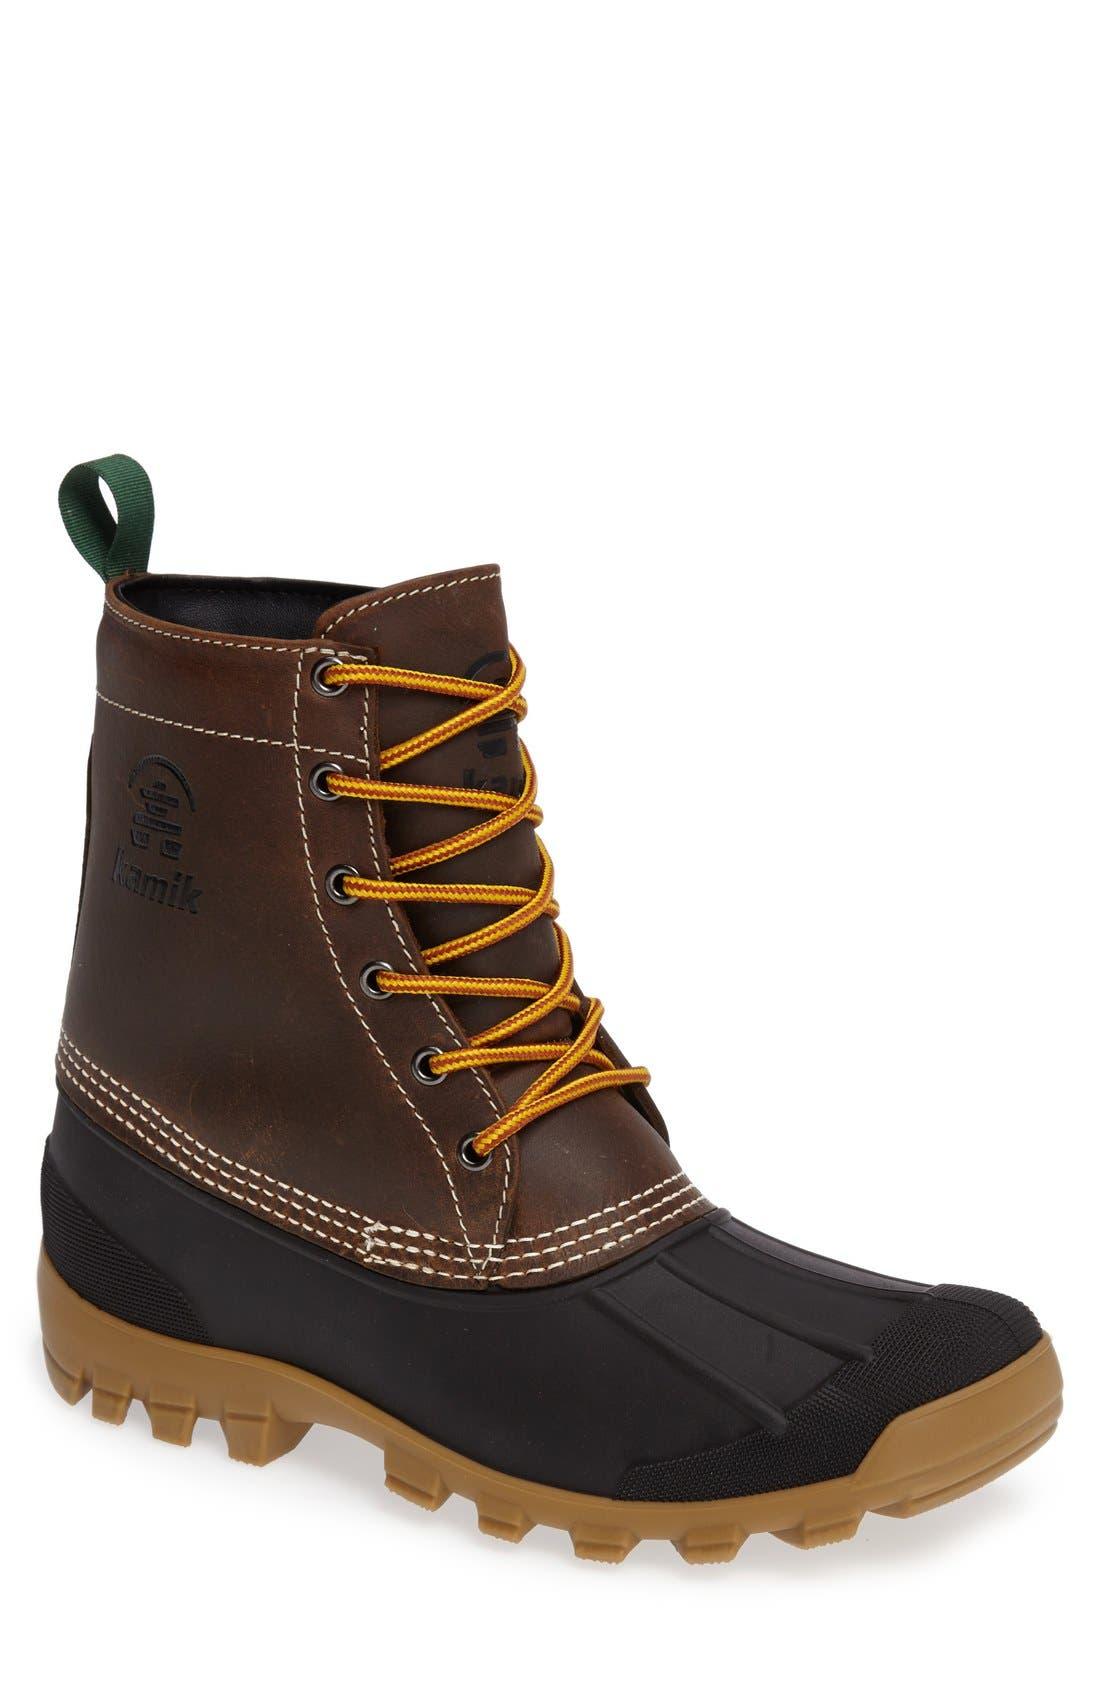 Yukon6 Waterproof Work Boot,                         Main,                         color, Dark Brown Leather